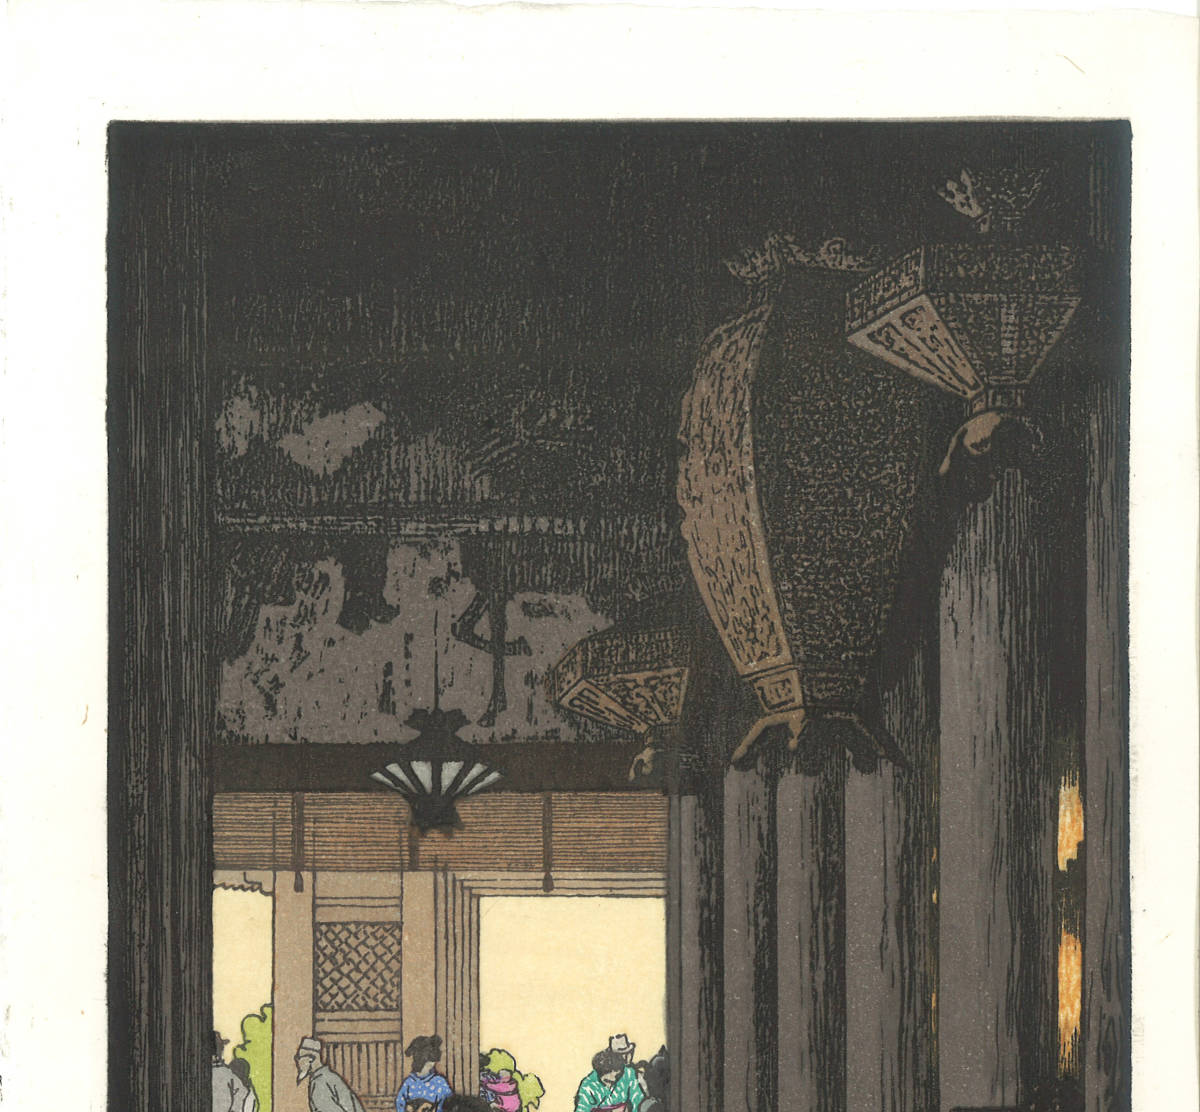 吉田遠志 木版画   清水寺  (Kiyomizu temple)    最高峰の摺師の技をご堪能下さい!!_画像3